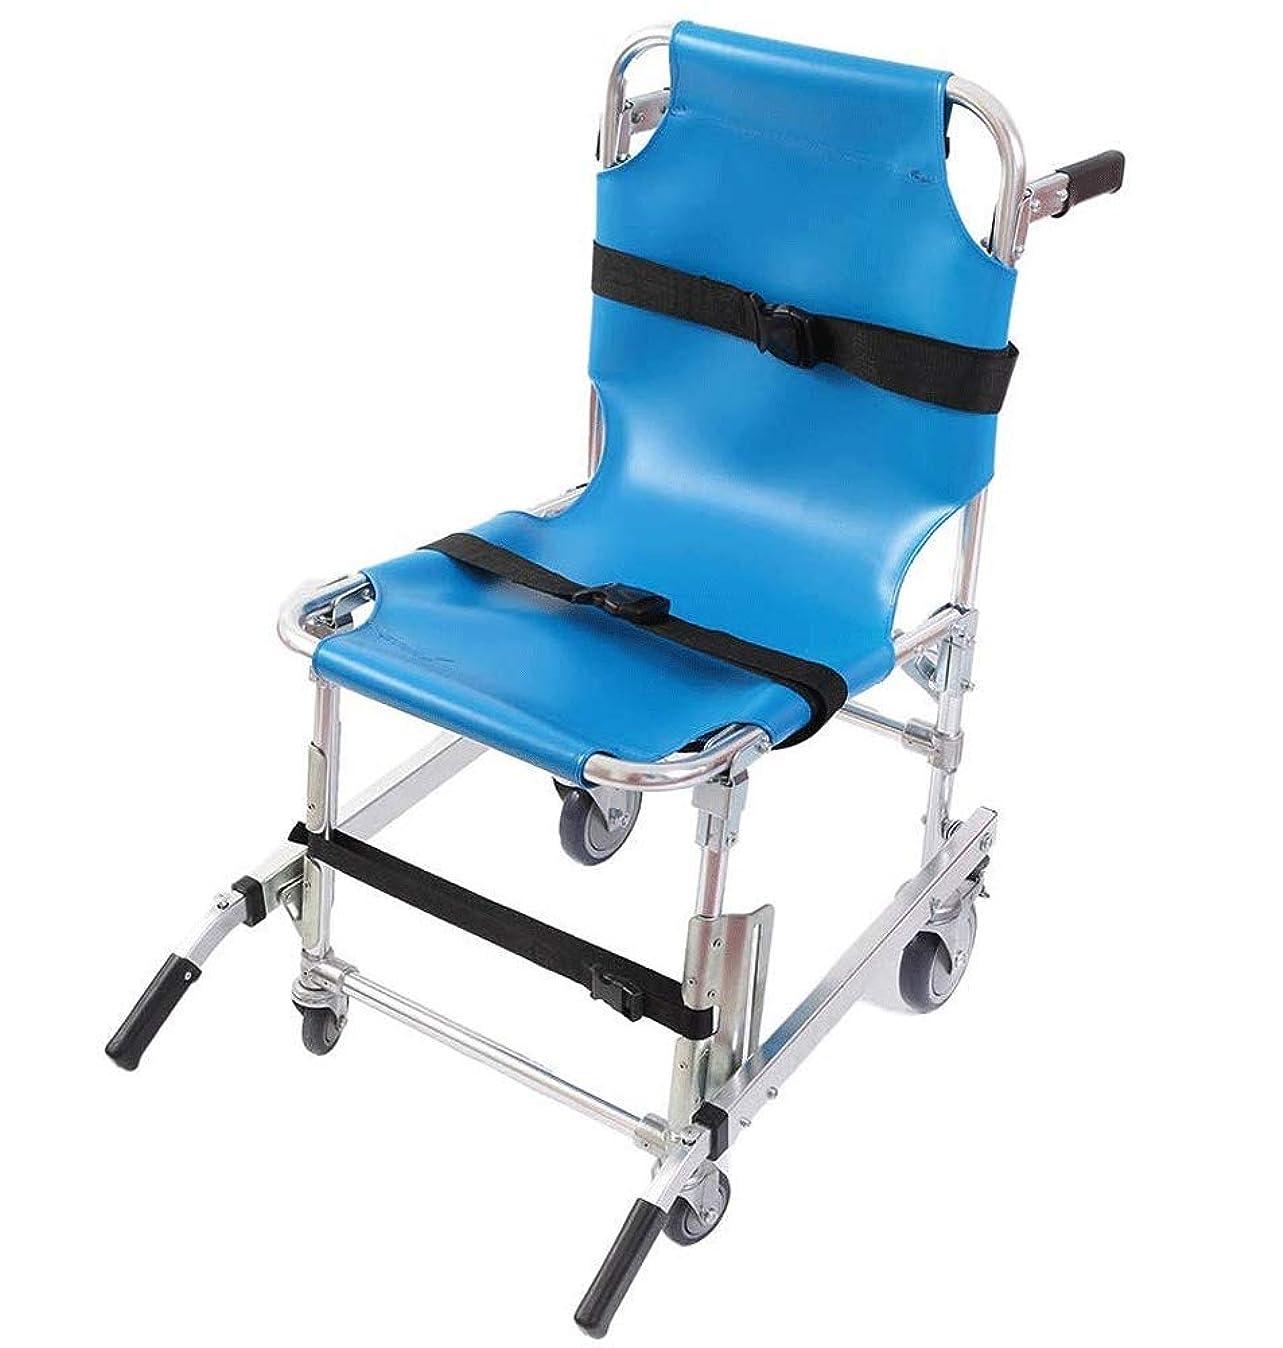 ハイブリッド開発アンティークアルミ軽量クイックリリースバックル付きEMS階段椅子緊急避難医療リフト階段チェア - 重量容量350ポンド、ブルー